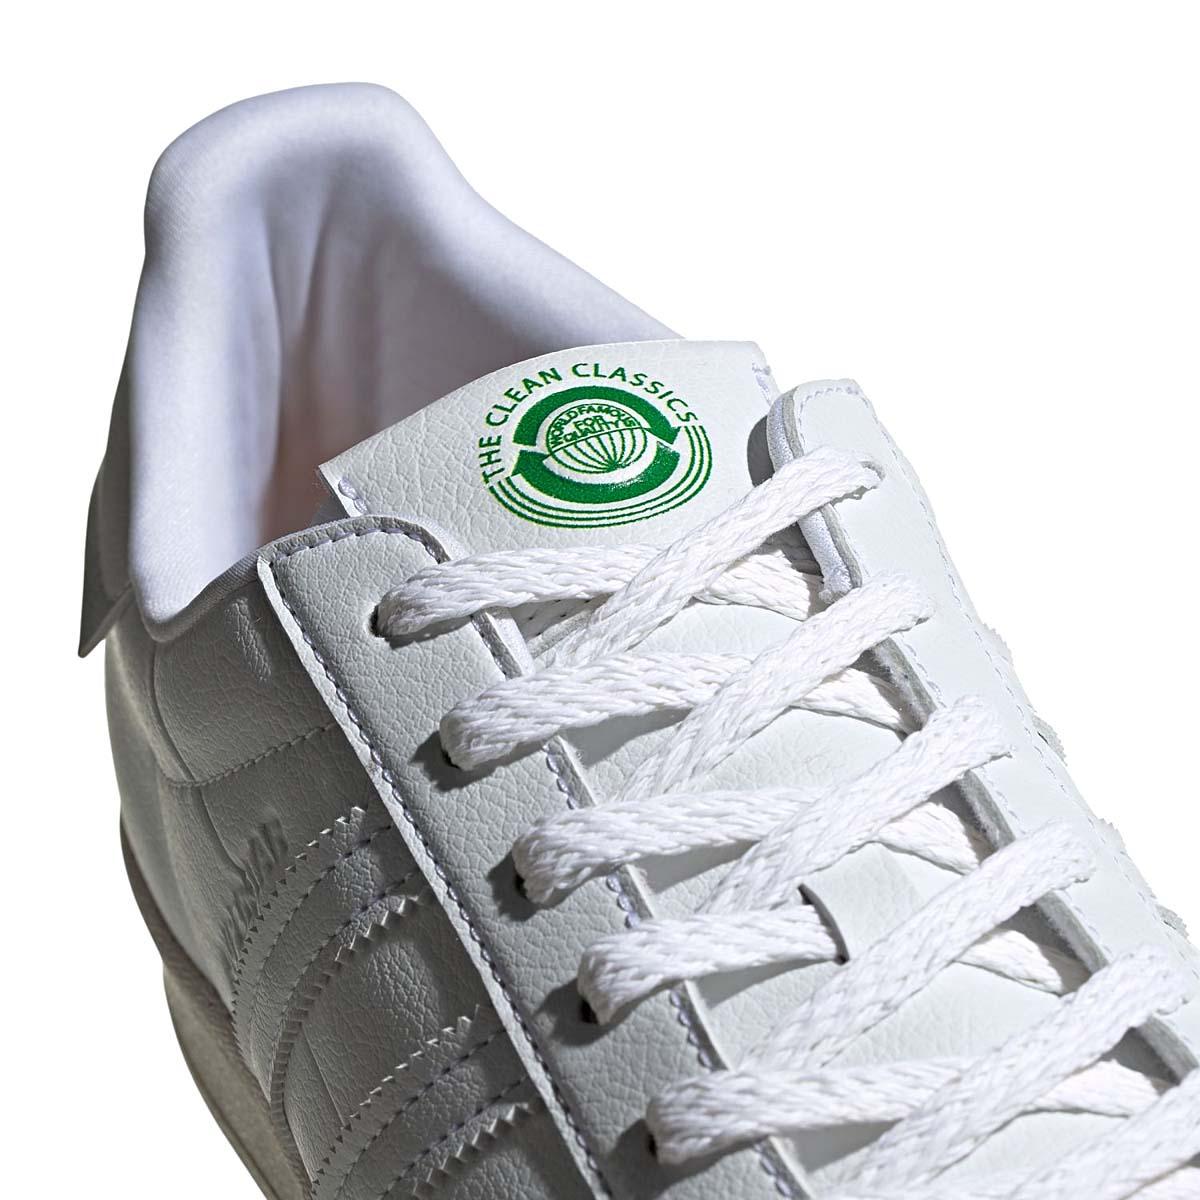 adidas SUPERSTAR FTWR WHITE / OFF WHITE / GREEN FW2292 アディダス スーパースター ホワイト/グリーン